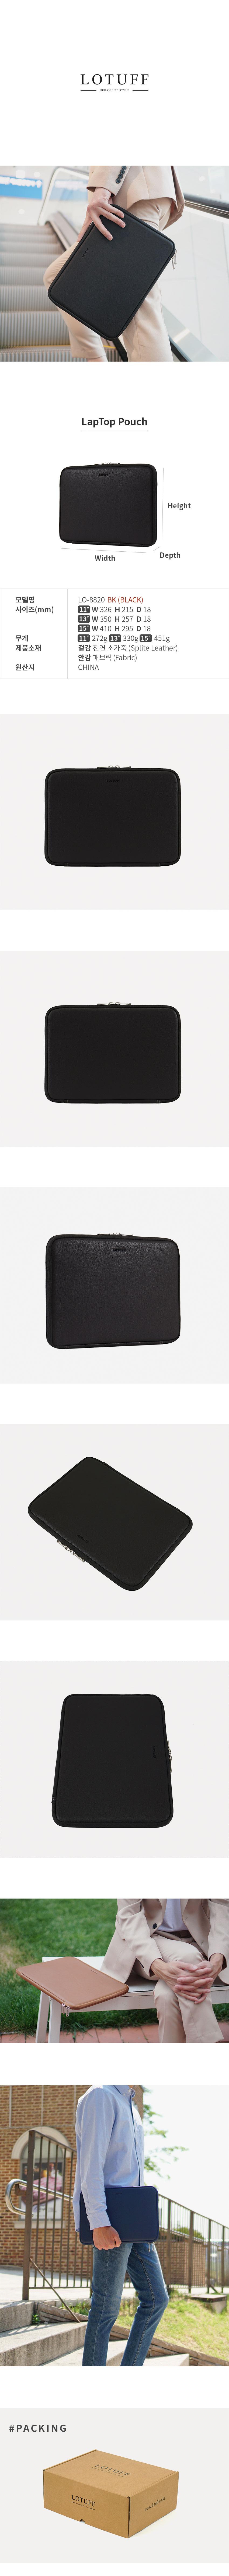 로터프(LOTUFF) (가격변동으로인해 진열내림처리) 맥북파우치 LO-8820-15 BK